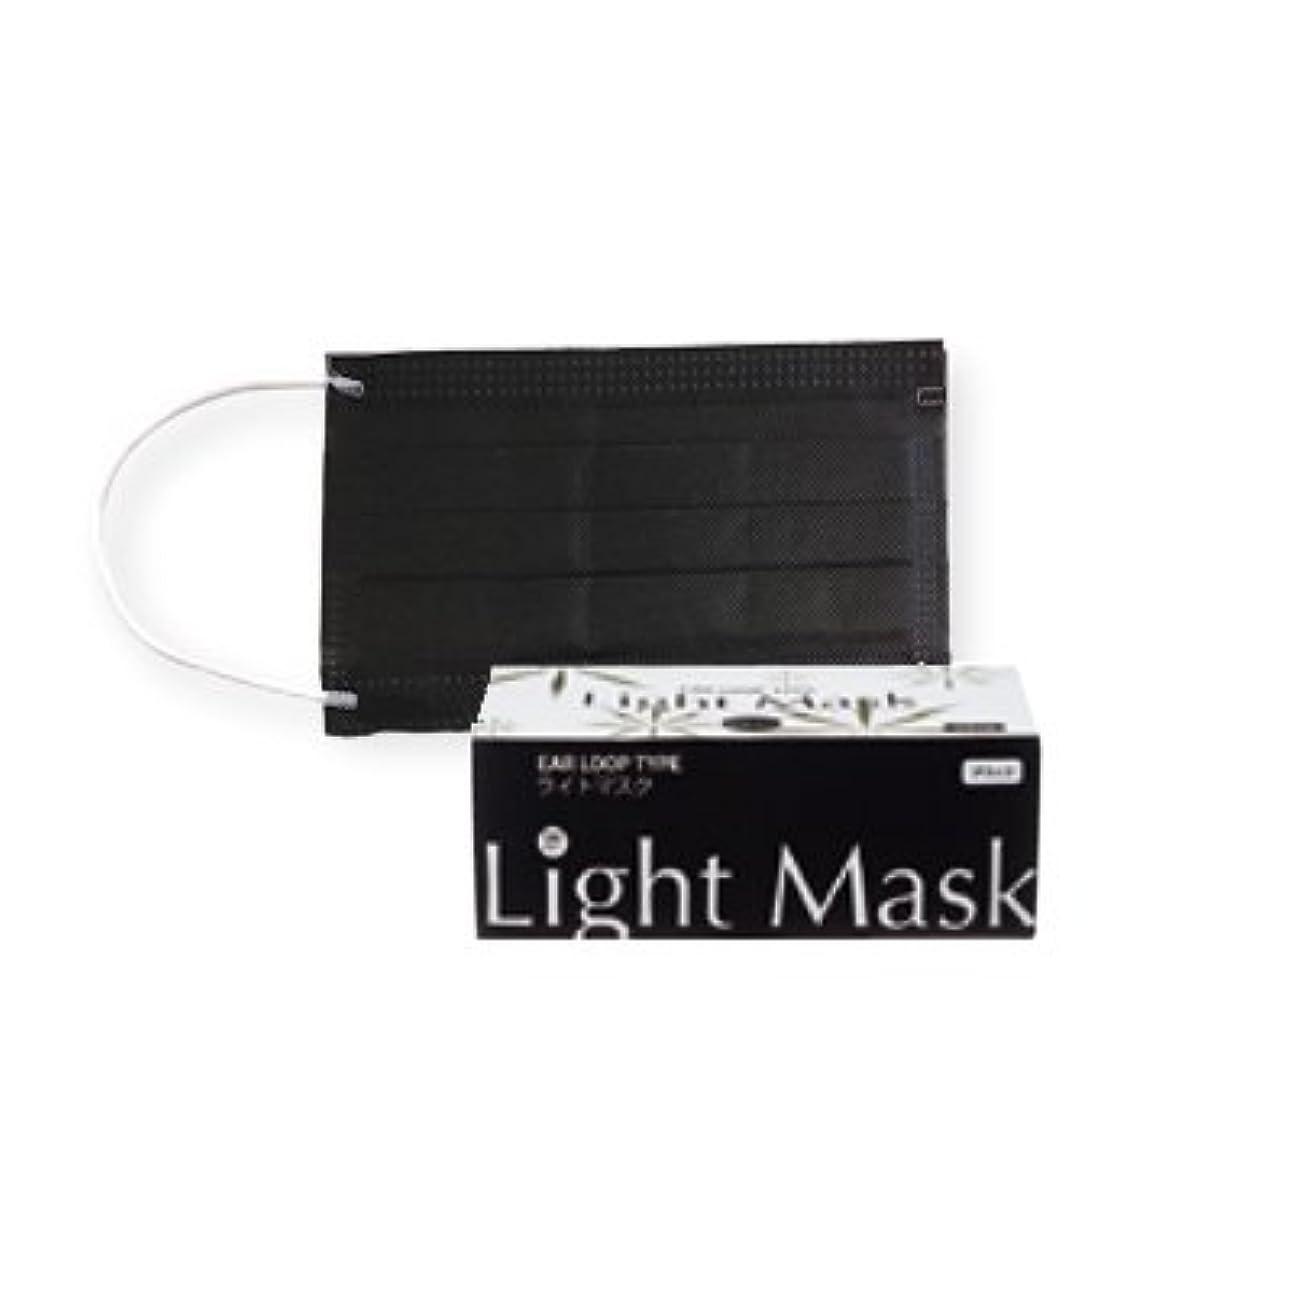 校長天才バナナ(ロータス)LOTUS ライトマスク (不織布 無地 2層 マスク 50枚入)(ブラック)花粉症対策